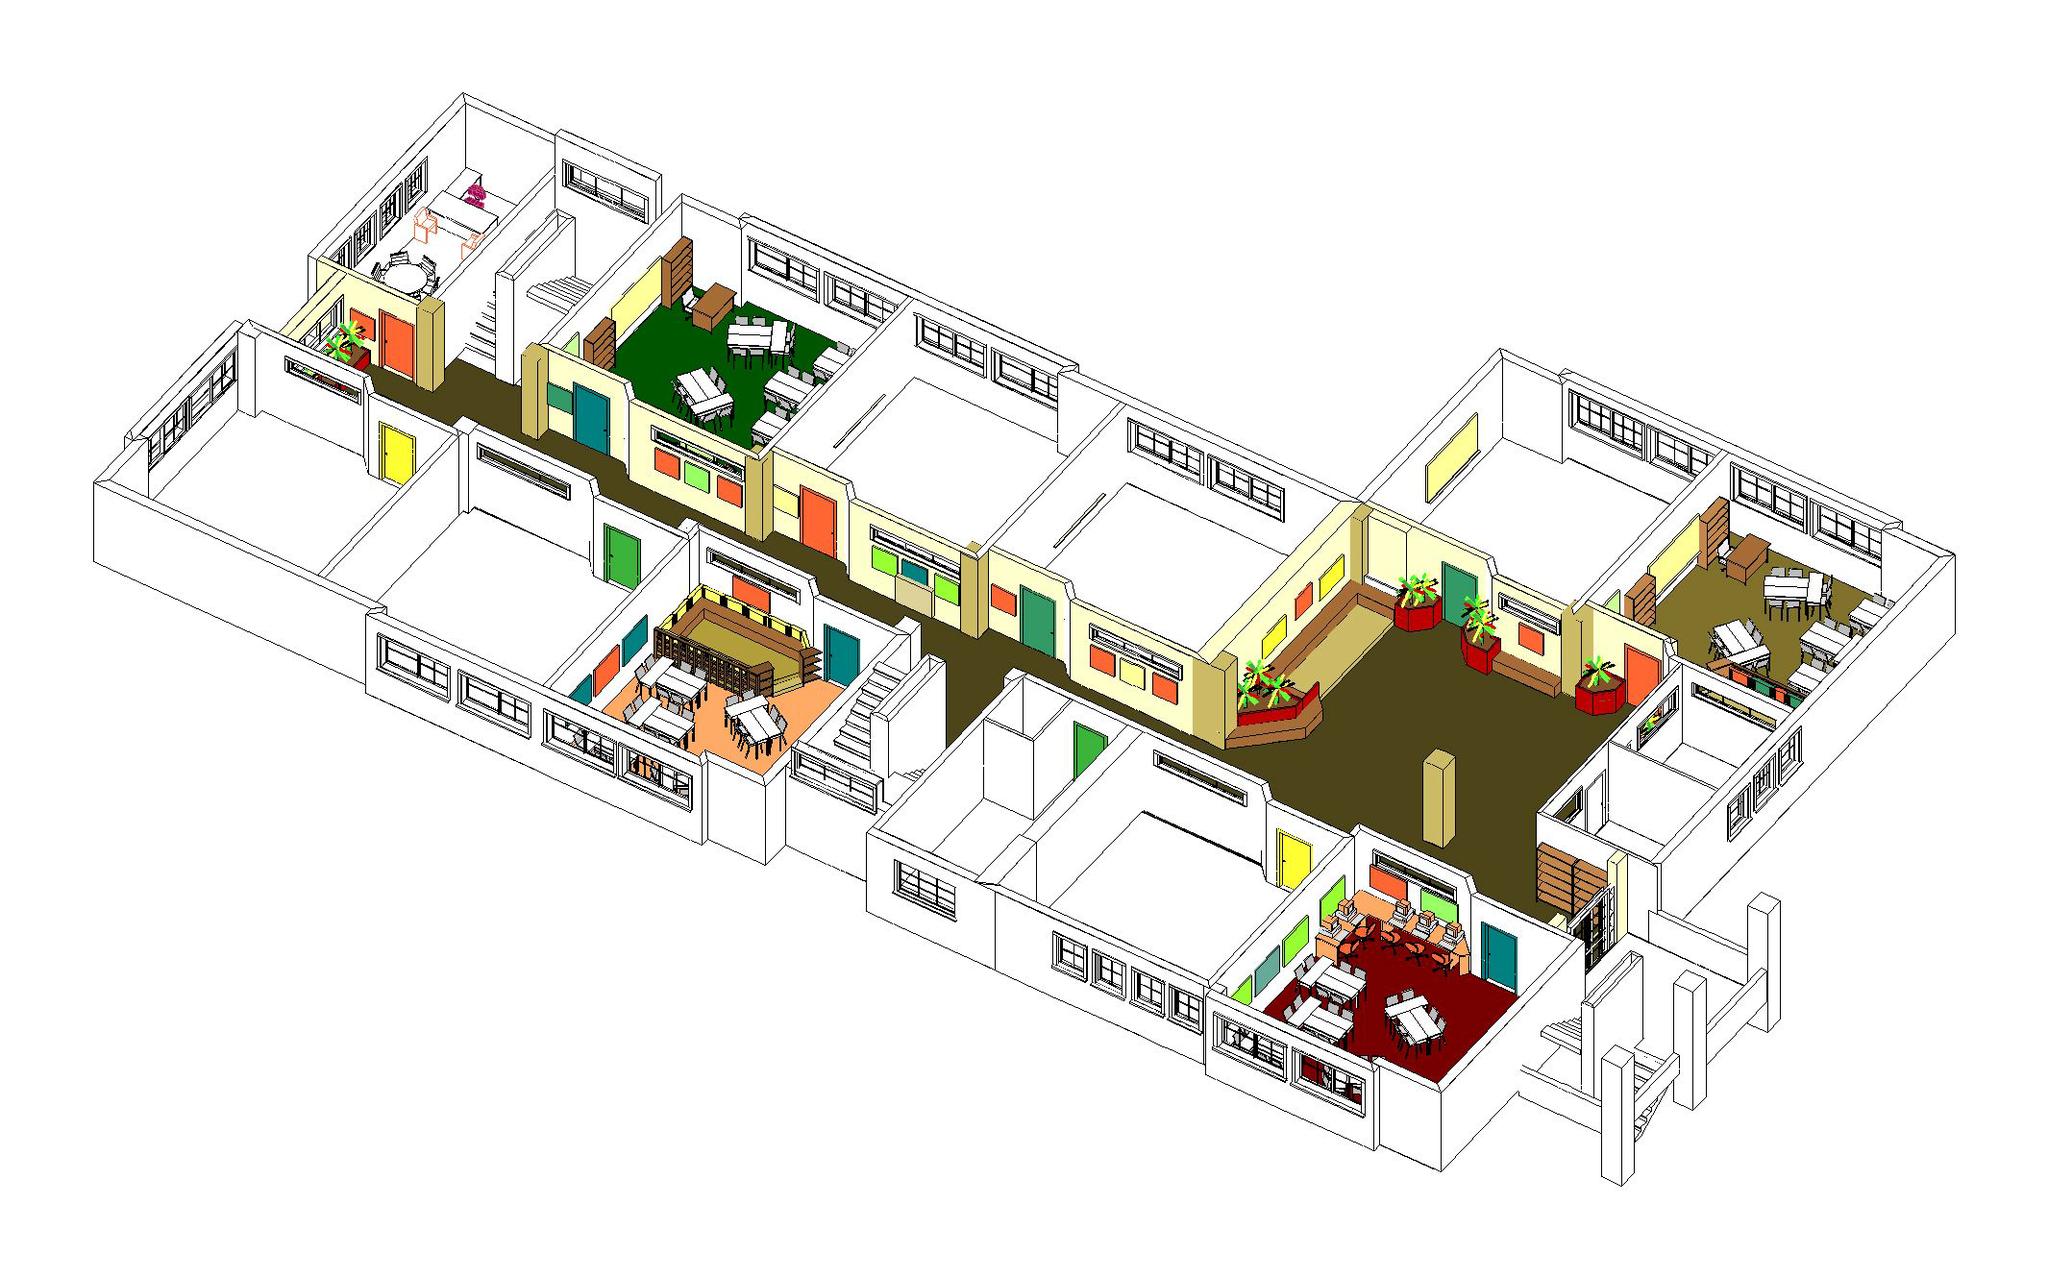 Το κεντρικό χολ και ο διάδρομος του 2ου ορόφου, ανασχεδιασμένα σε χώρους εκθέσεων και καλλιτεχνικών δραστηριοτήτων.